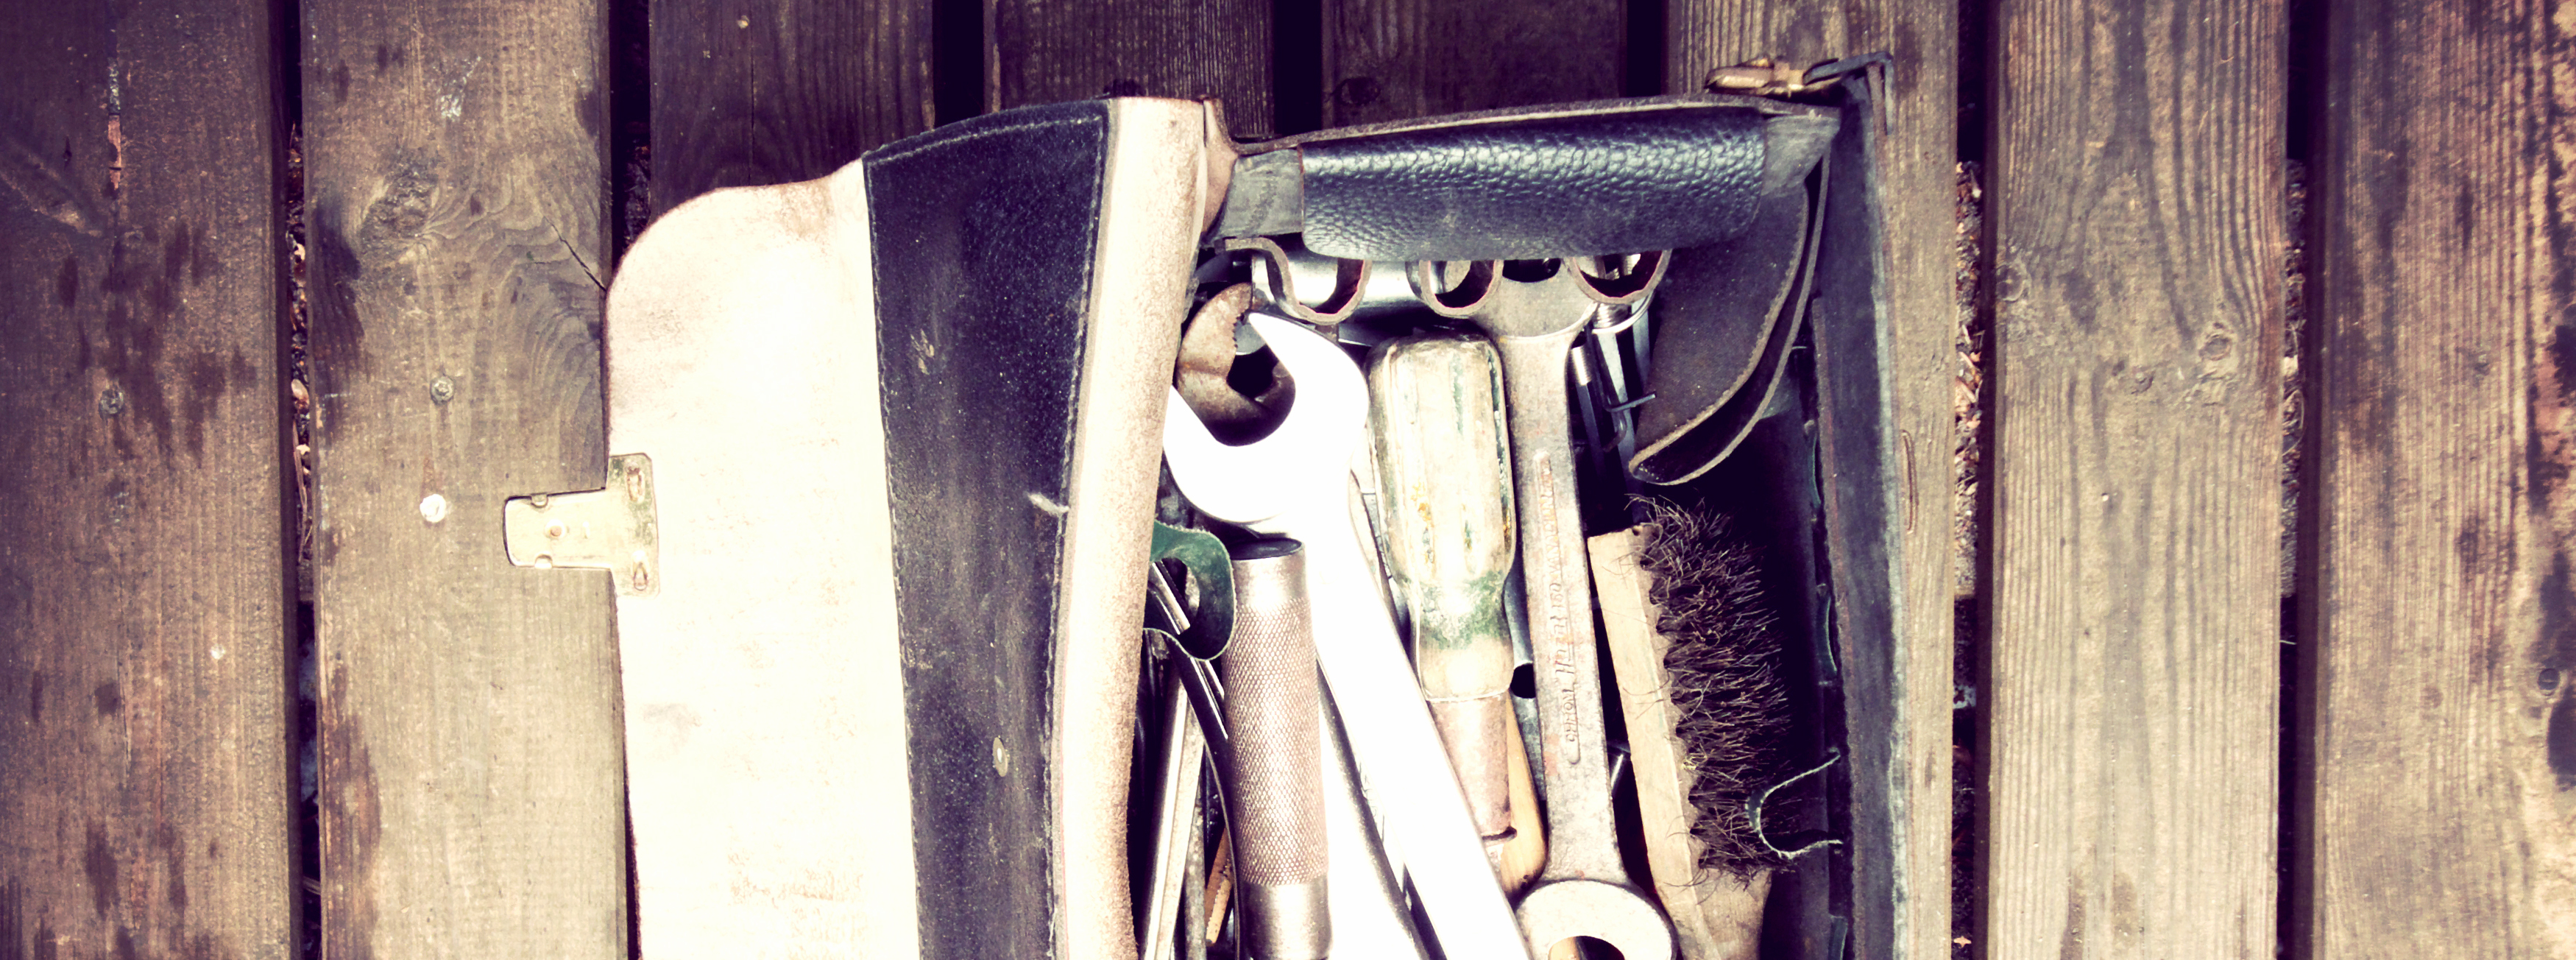 20130318_StrategyCorner_Waclawczyk_Wunderbarer Werkzeugkasten